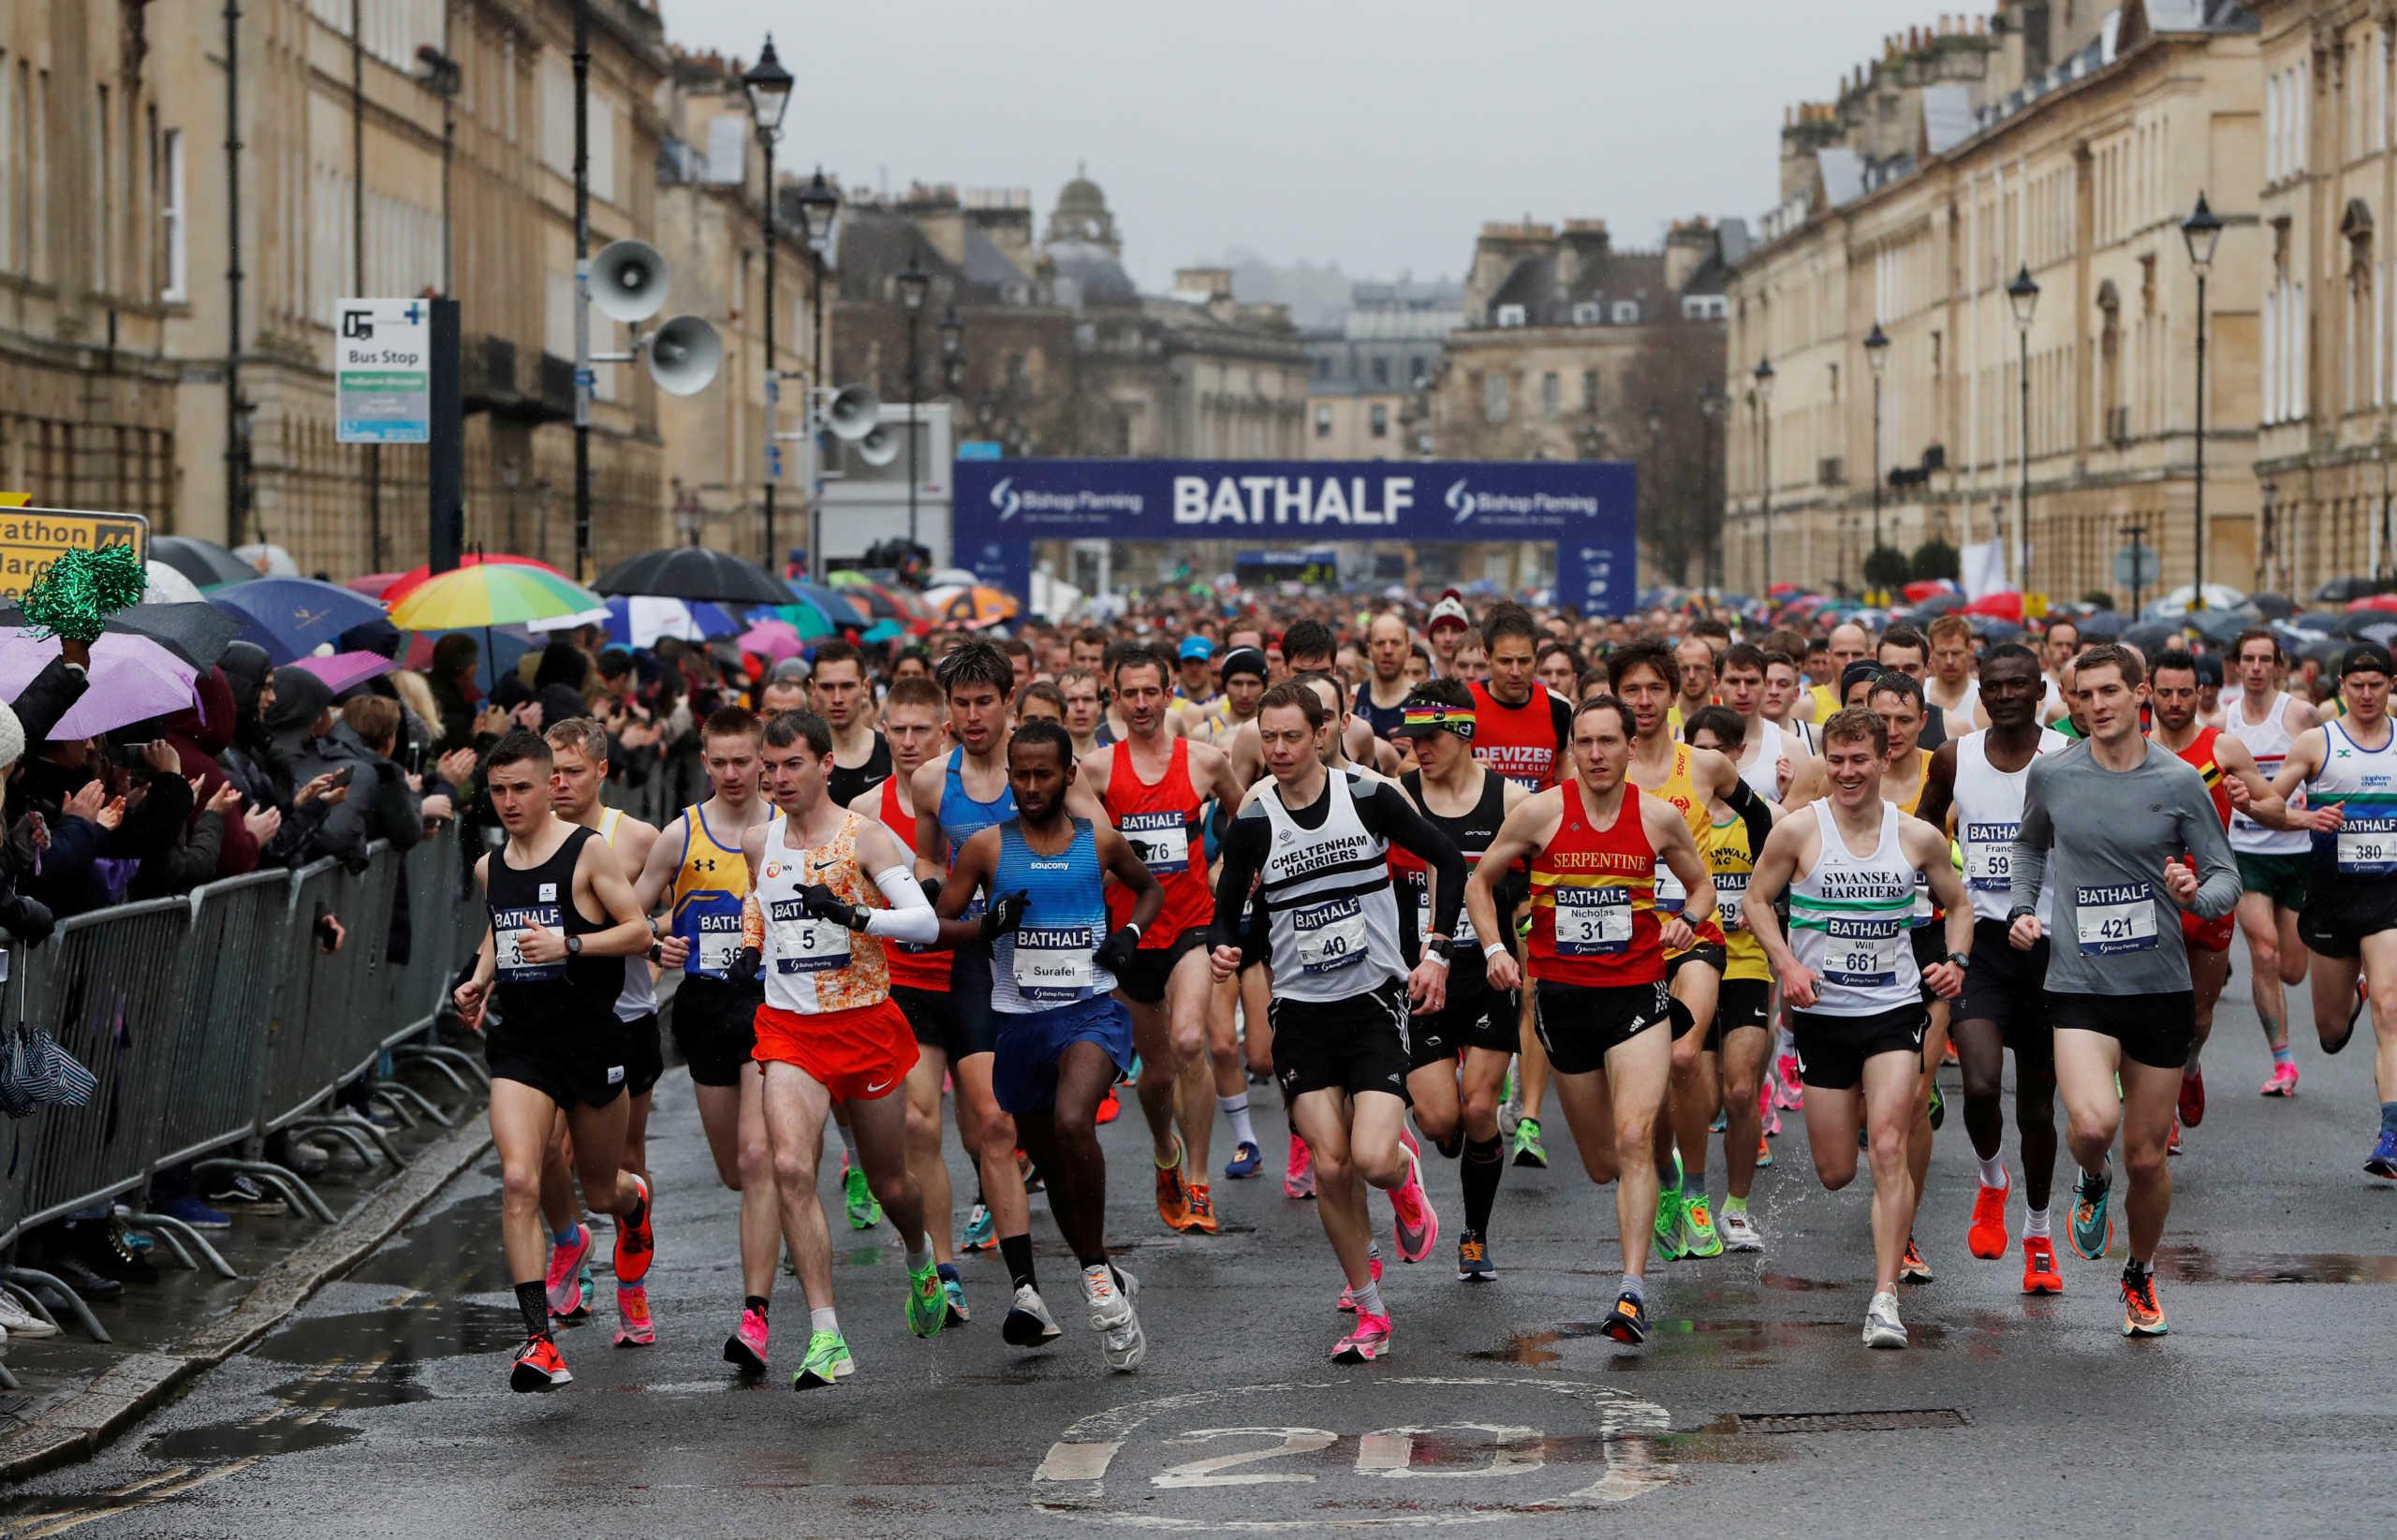 Τραγική ανευθυνότητα! Διεξήχθη αγώνας δρόμου με 6.000 συμμετέχοντες στην Αγγλία (pics)